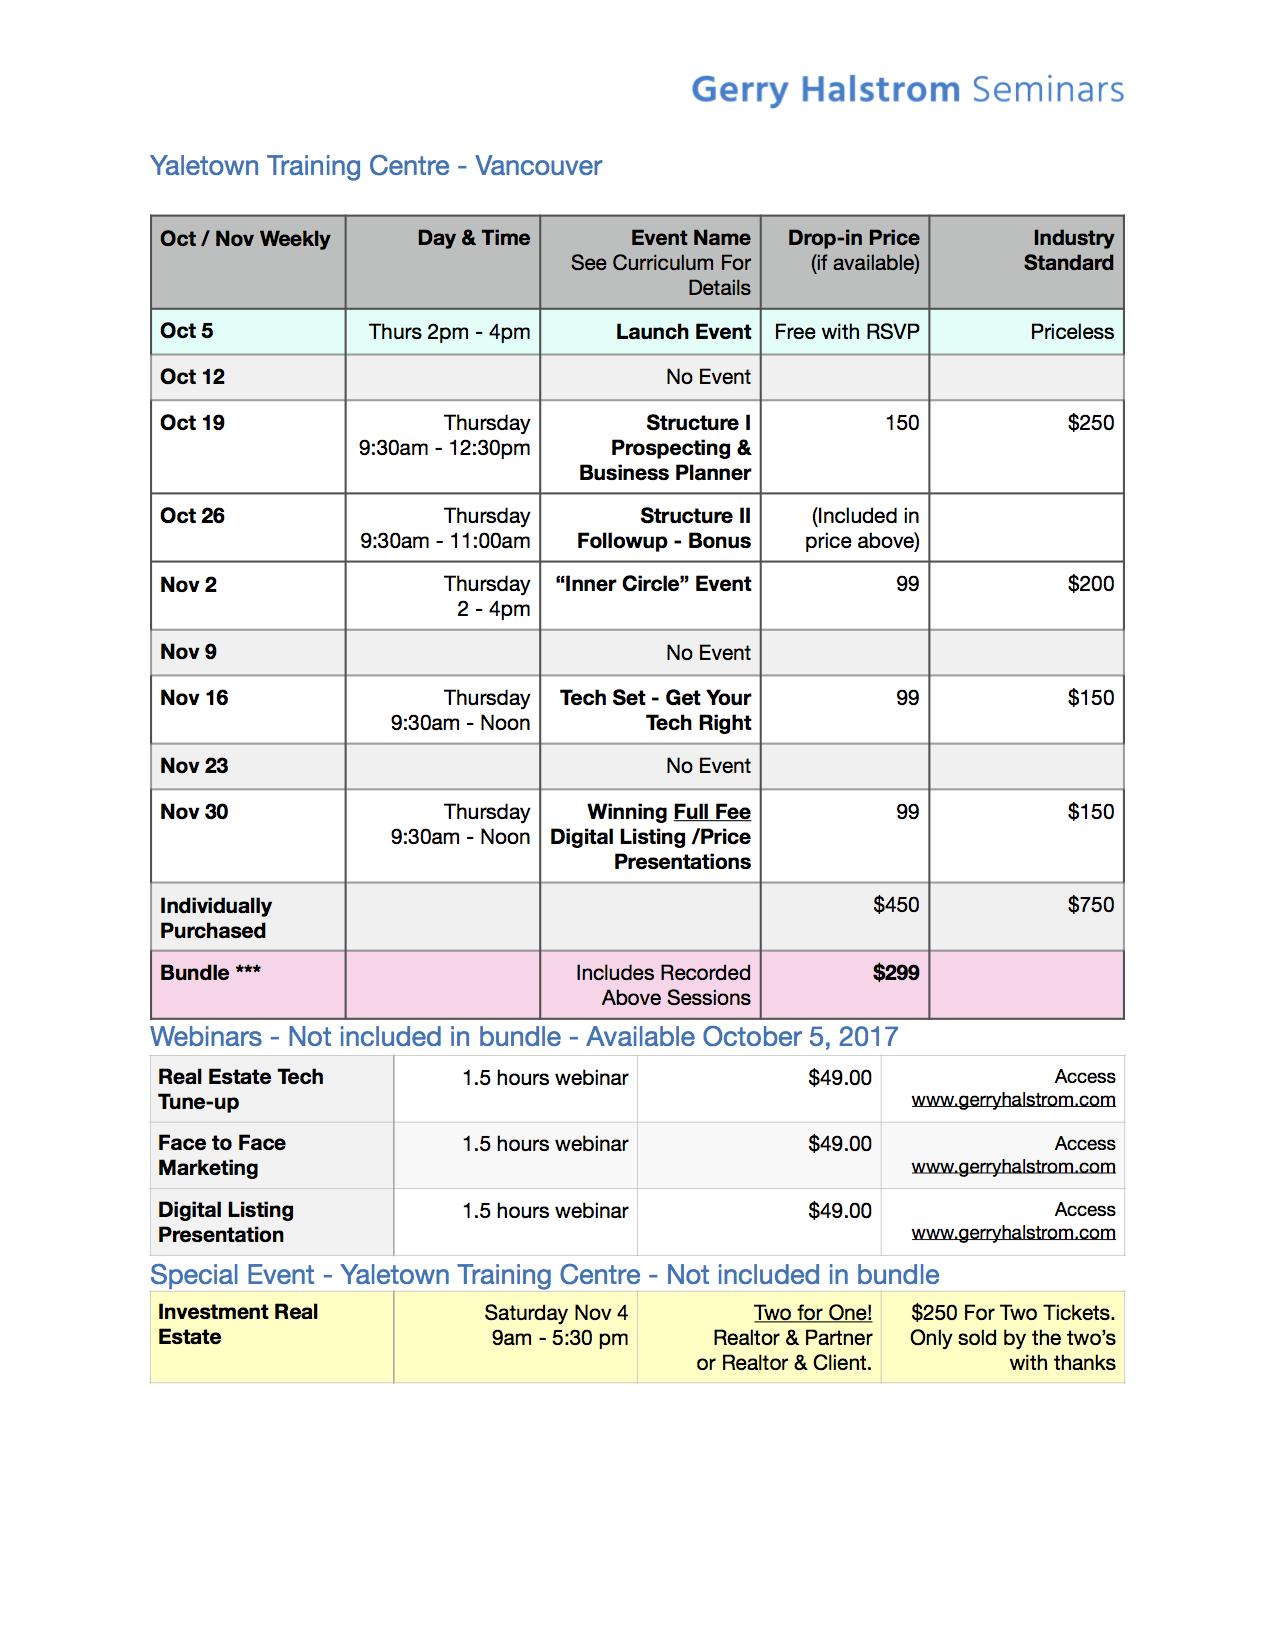 Fall 2017 Courses